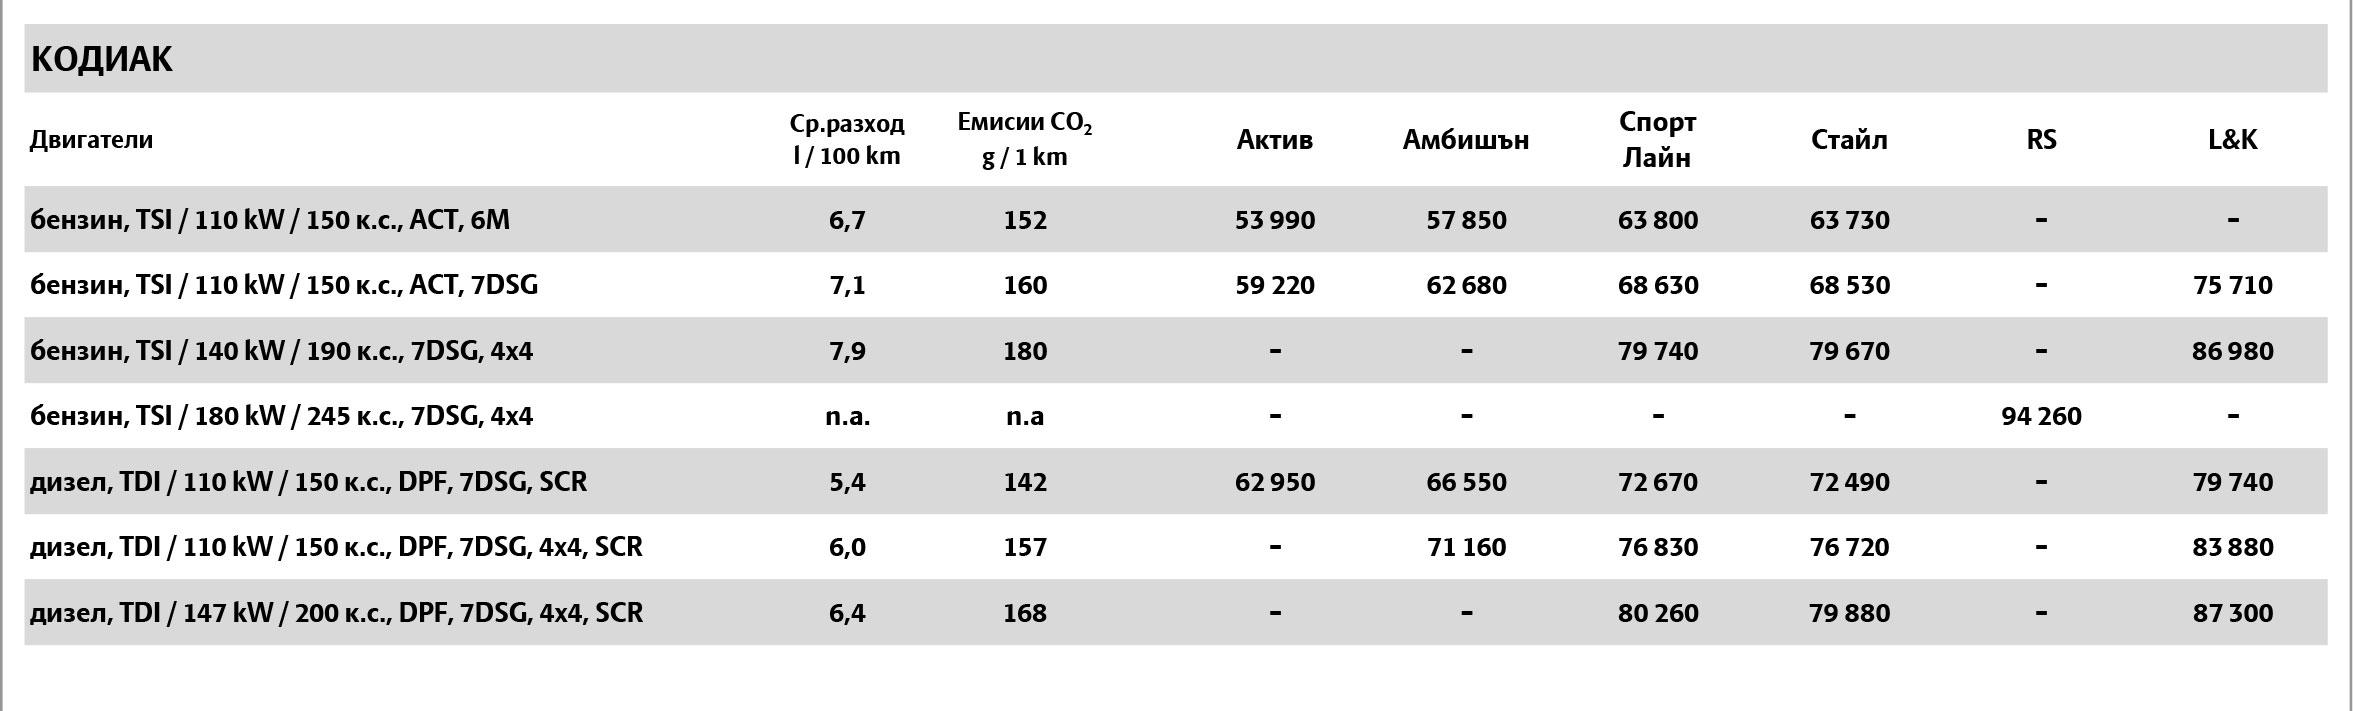 Skoda Kodiaq 2021, цени